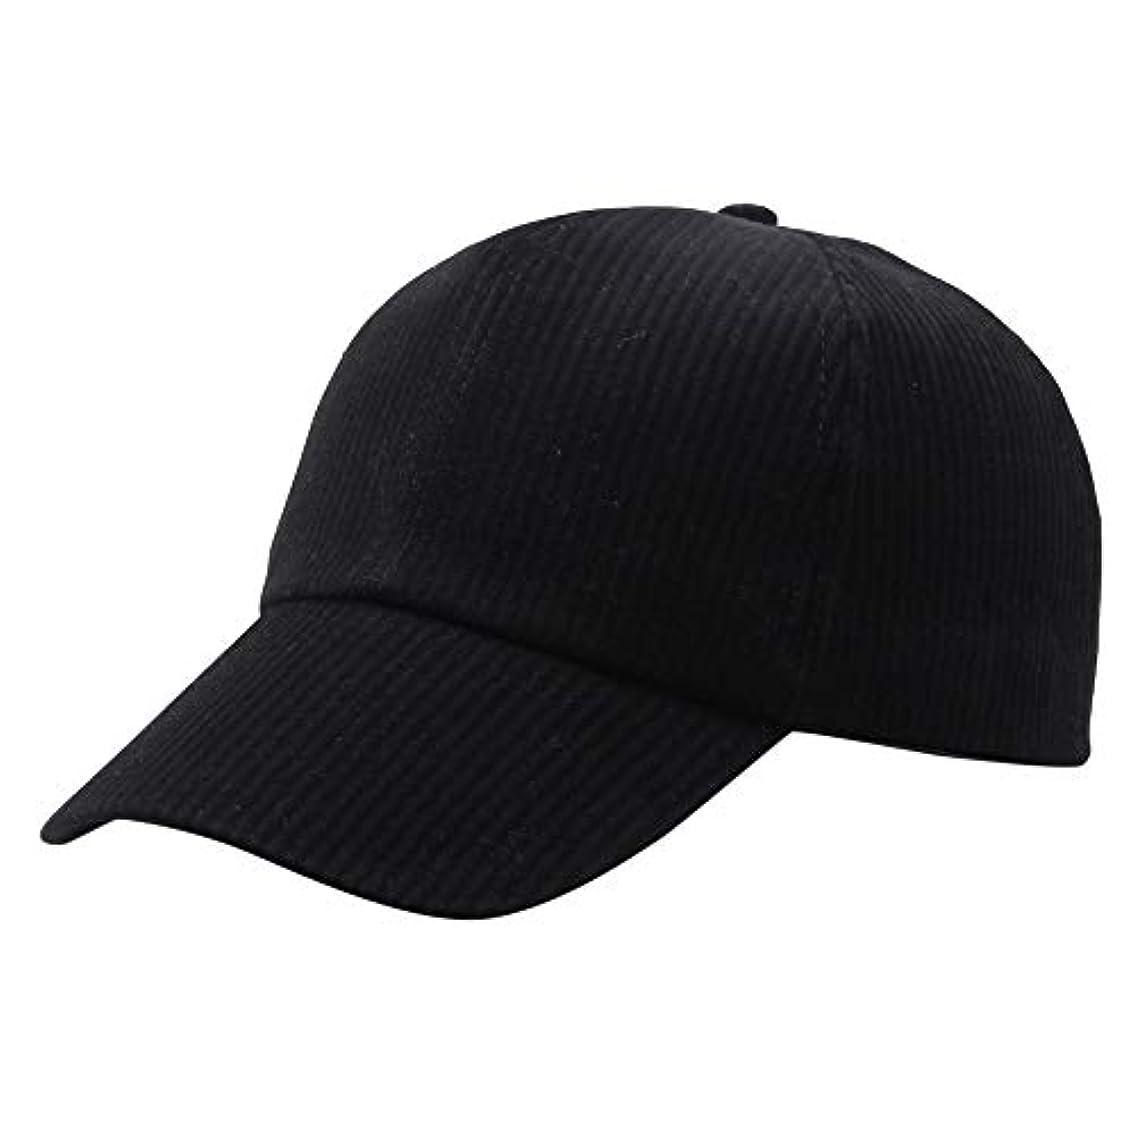 コミュニケーション溶かす漫画Racazing Cap コーデュロイ 野球帽 迷彩 夏 登山 通気性のある メッシュ 帽子 ベルクロ 可調整可能 ストライプ 刺繍 棒球帽 UV 帽子 軽量 屋外 Unisex Hat (B)